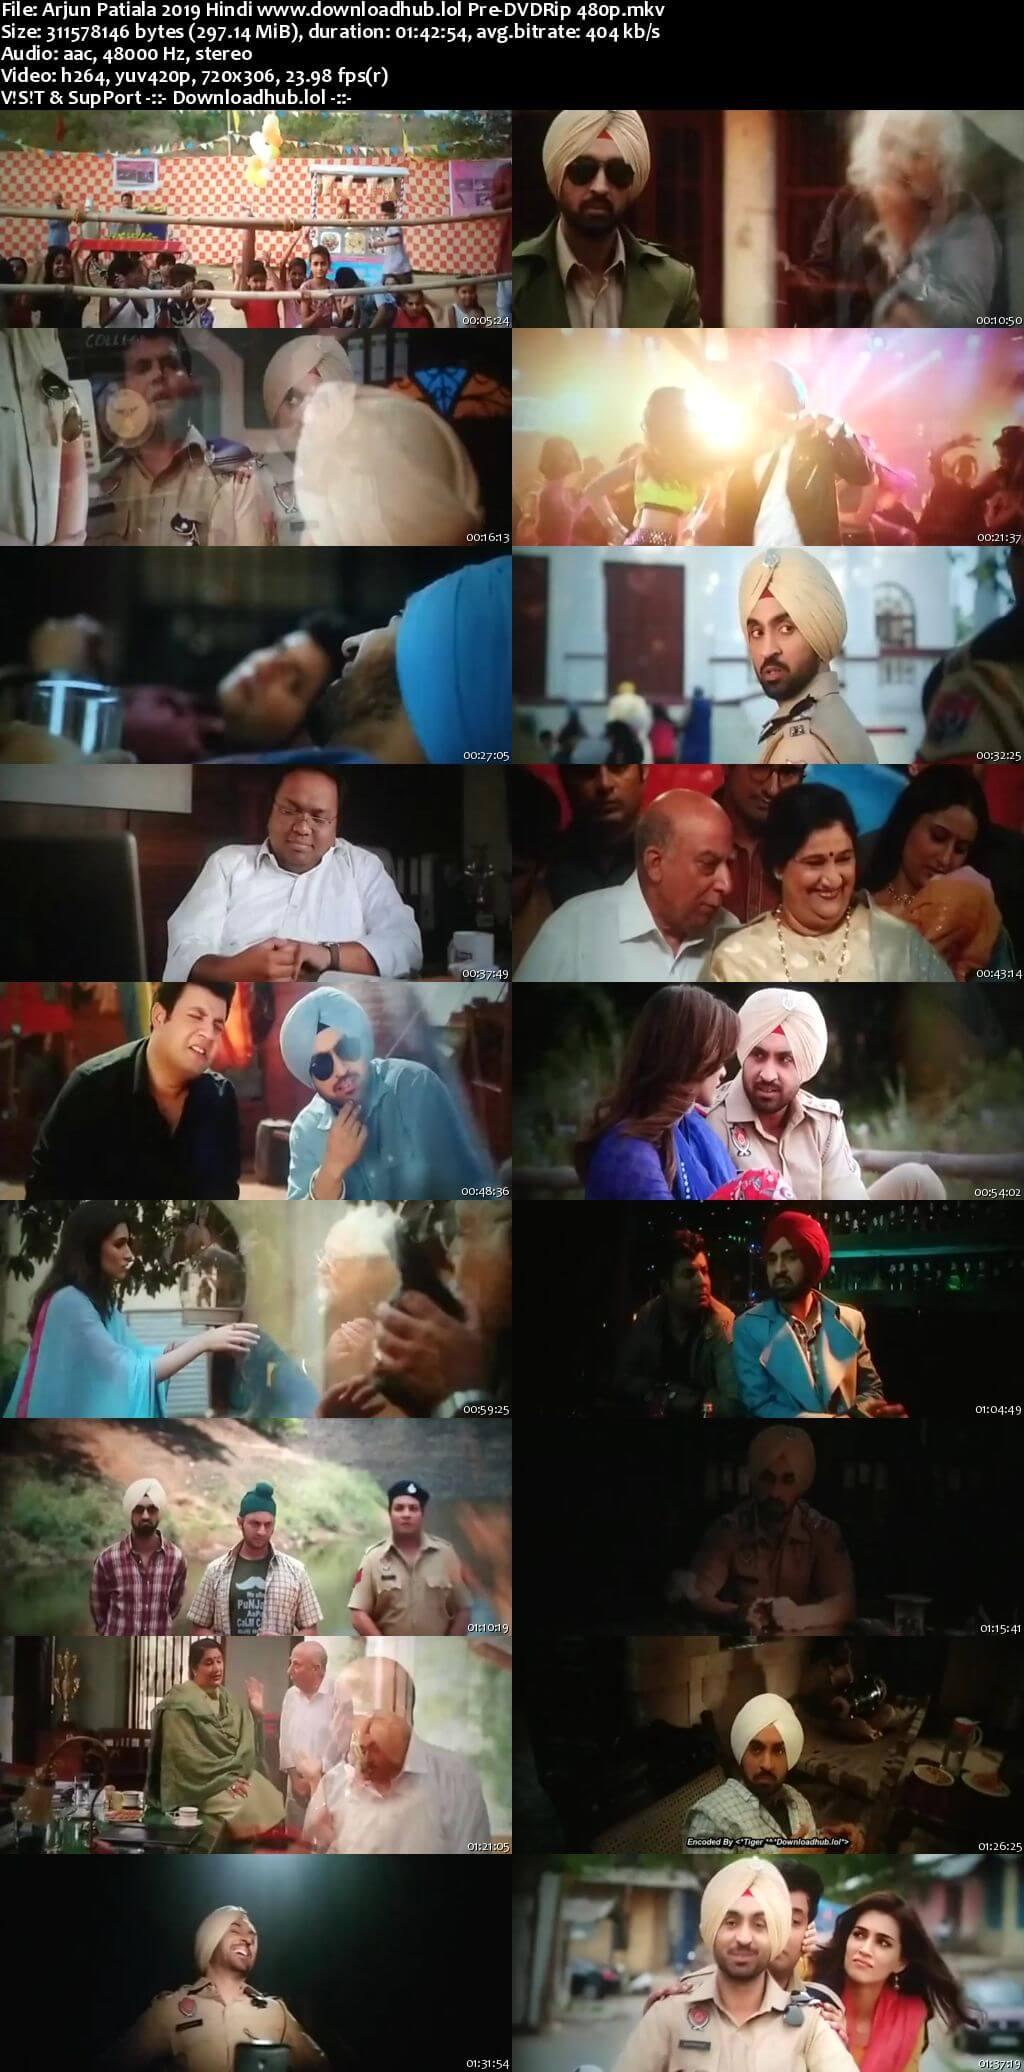 Arjun Patiala 2019 Hindi 300MB Pre-DVDRip 480p